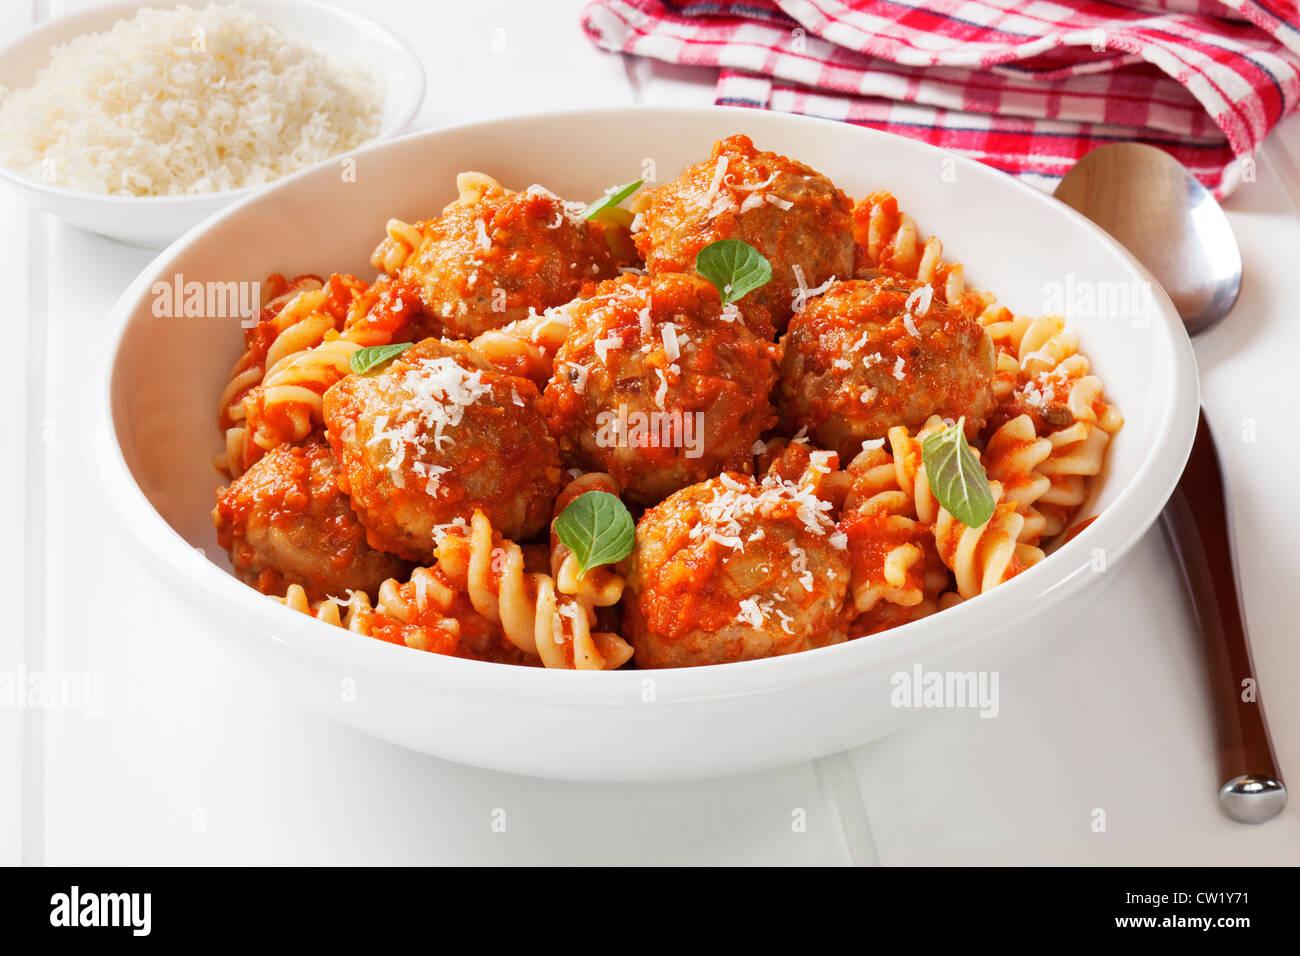 Polpette con marinara, fusili pasta e parmigiano. Polpette di carne da tritare la Turchia. Immagini Stock